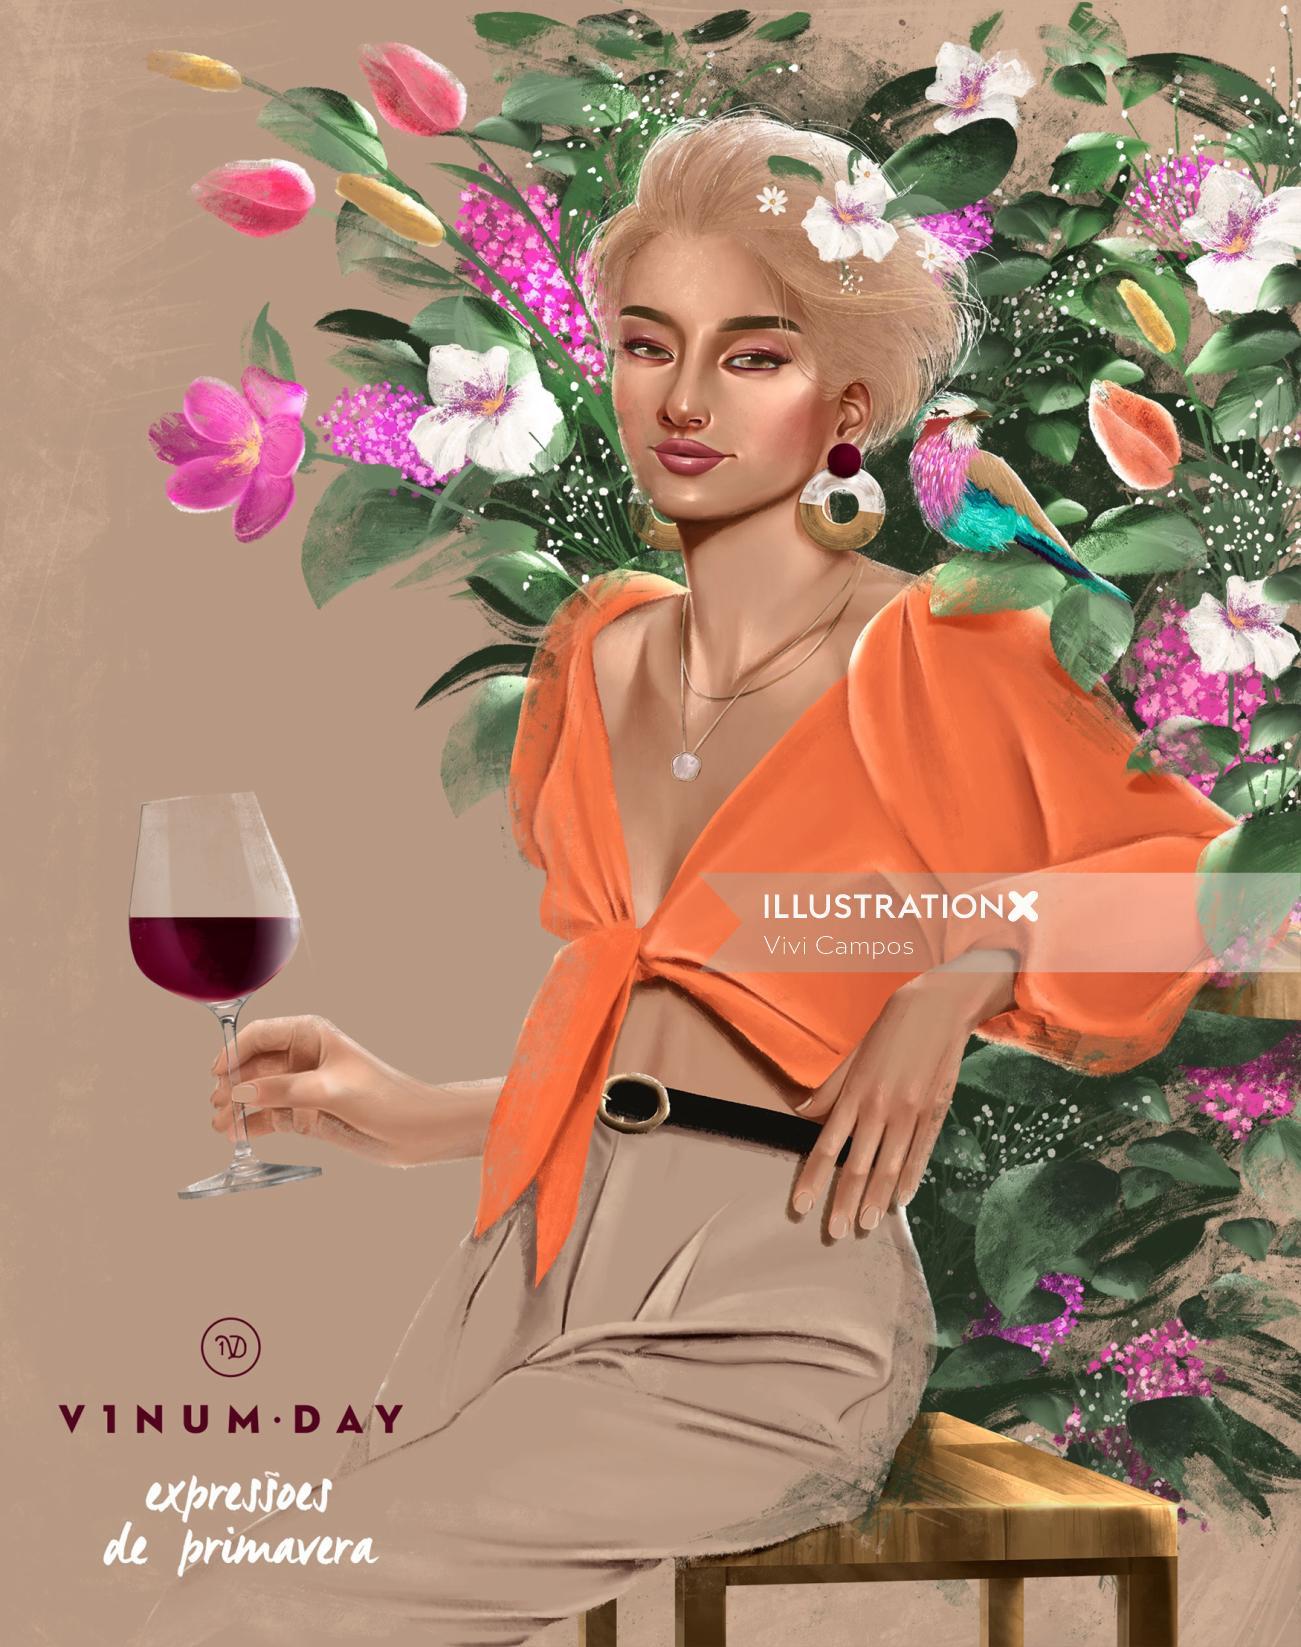 Advertising illustration for wine brand